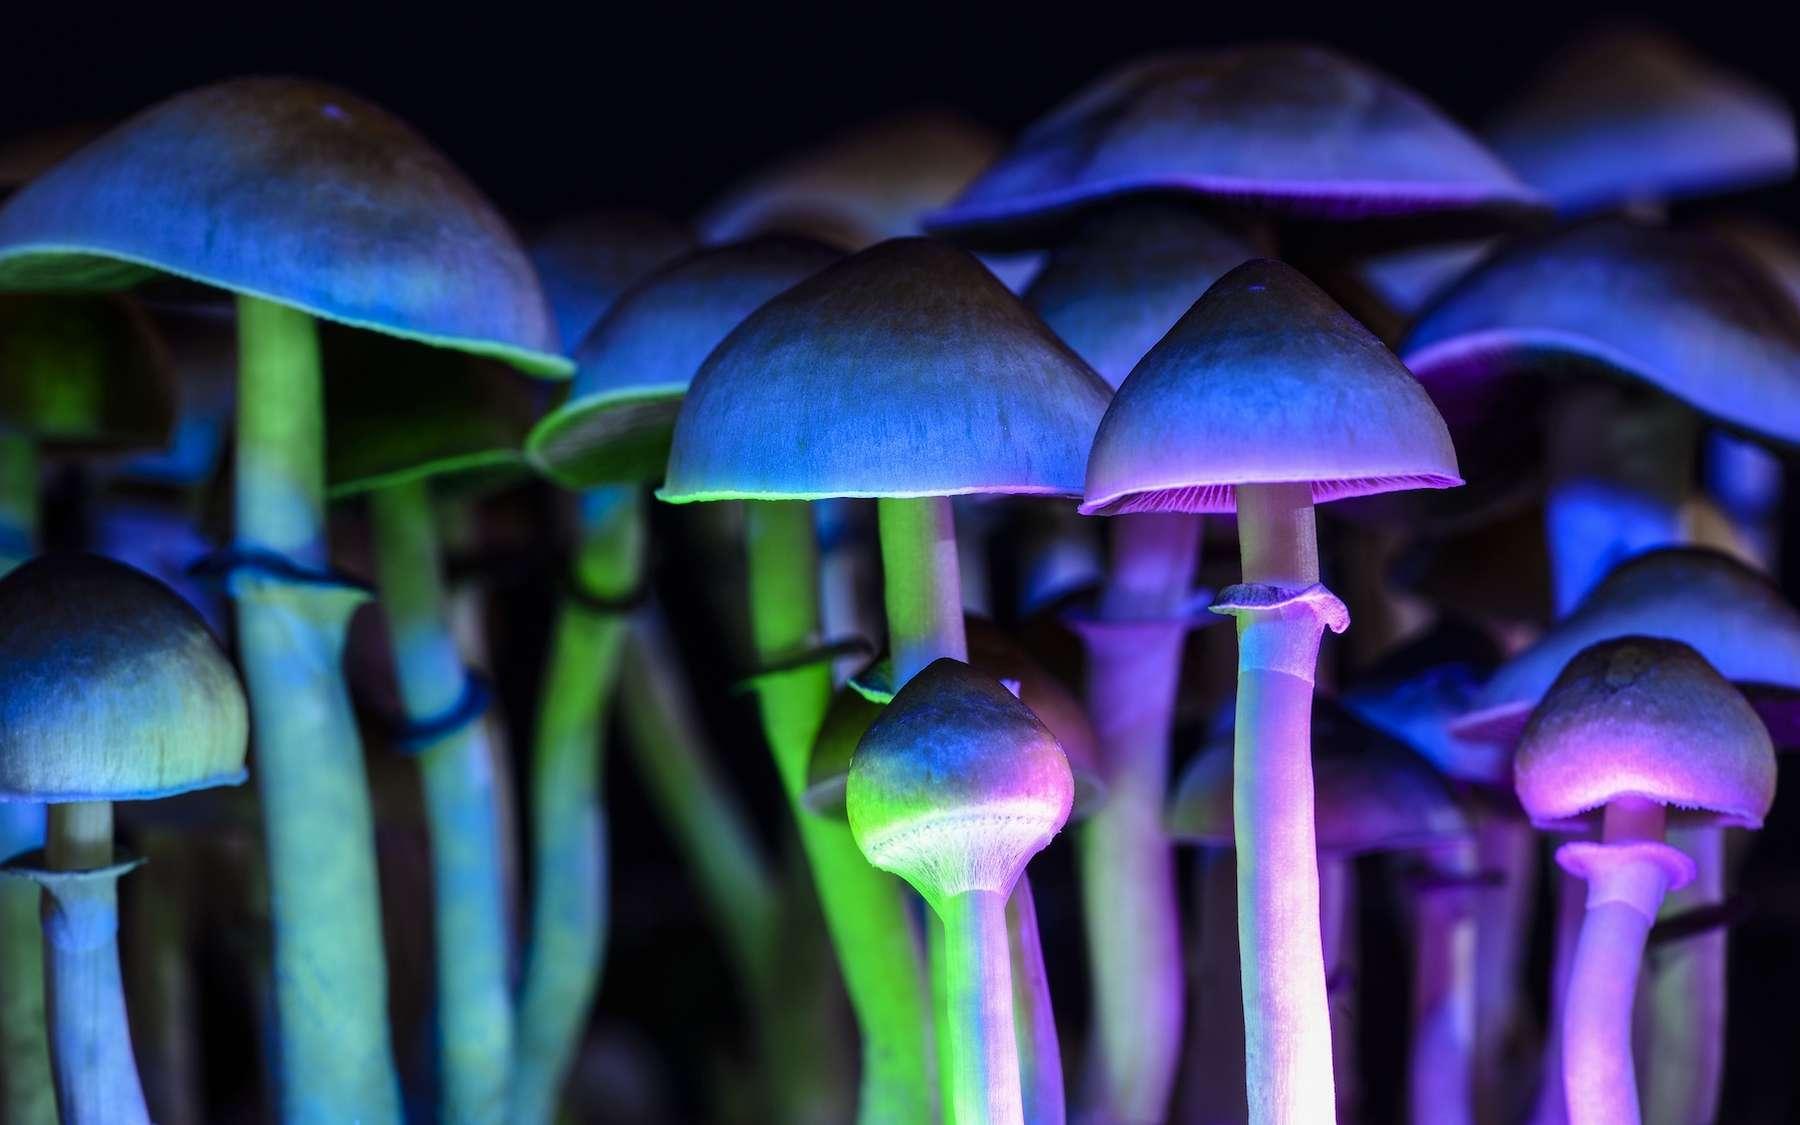 Étudiée depuis les années 1950, la psilocybine, la substance active de certains champignons hallucinogènes, entraîne des effets durables contre l'anxiété et la dépression. © Martina, Adobe Stock